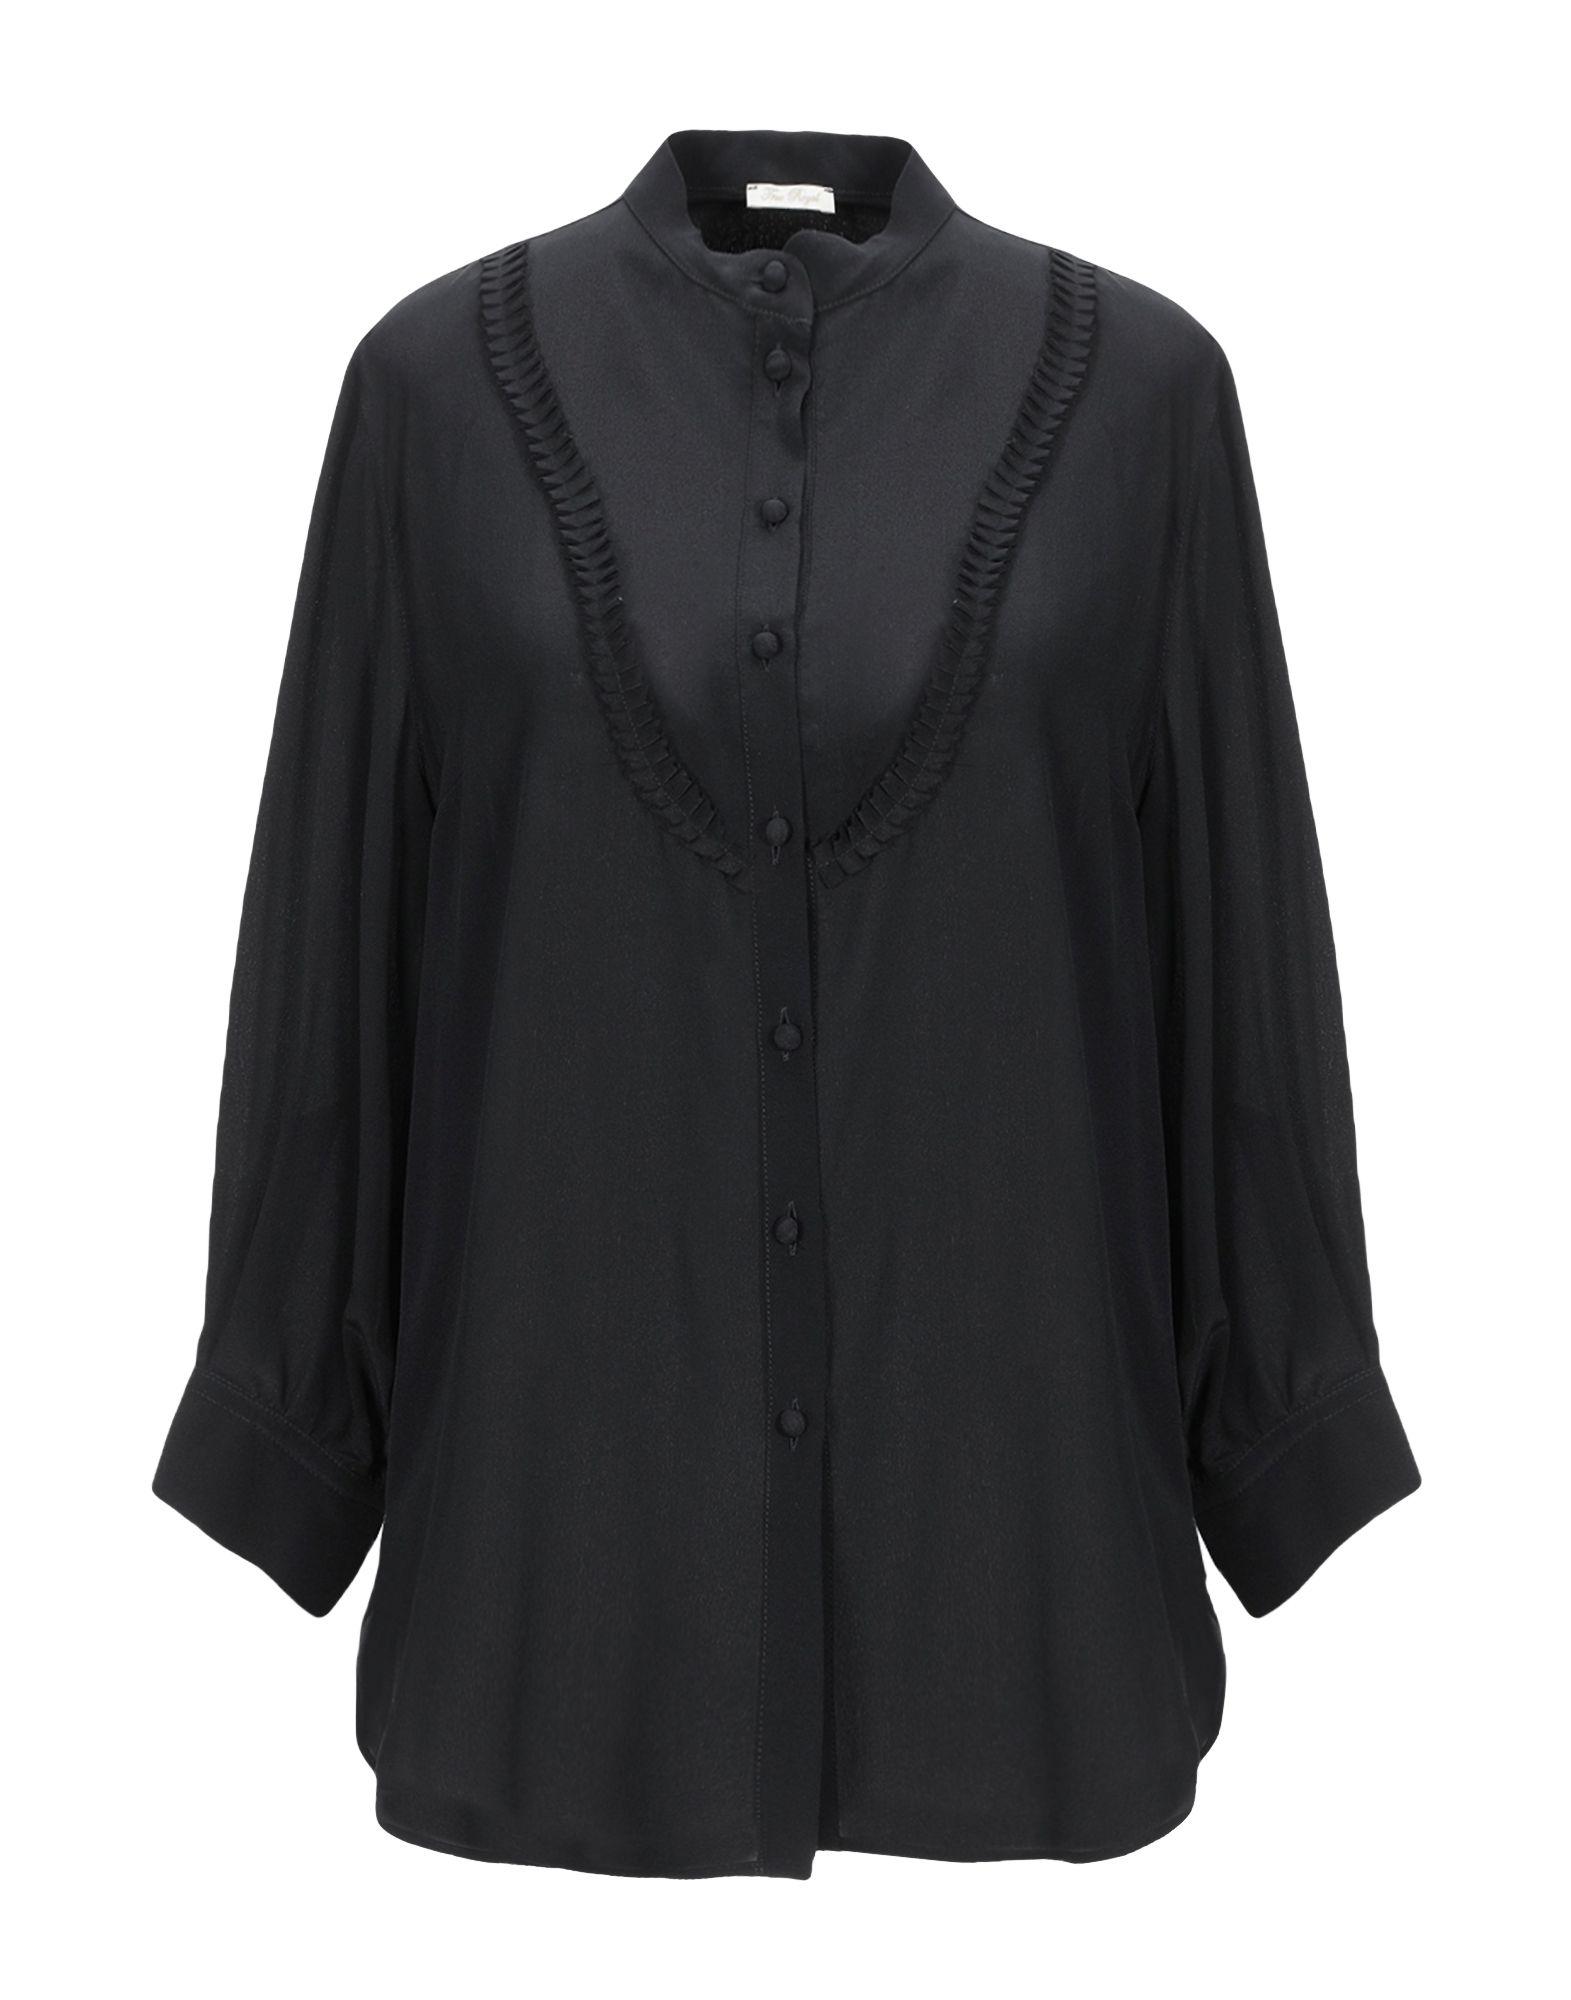 《送料無料》TRUE ROYAL レディース シャツ ブラック 40 シルク 100%